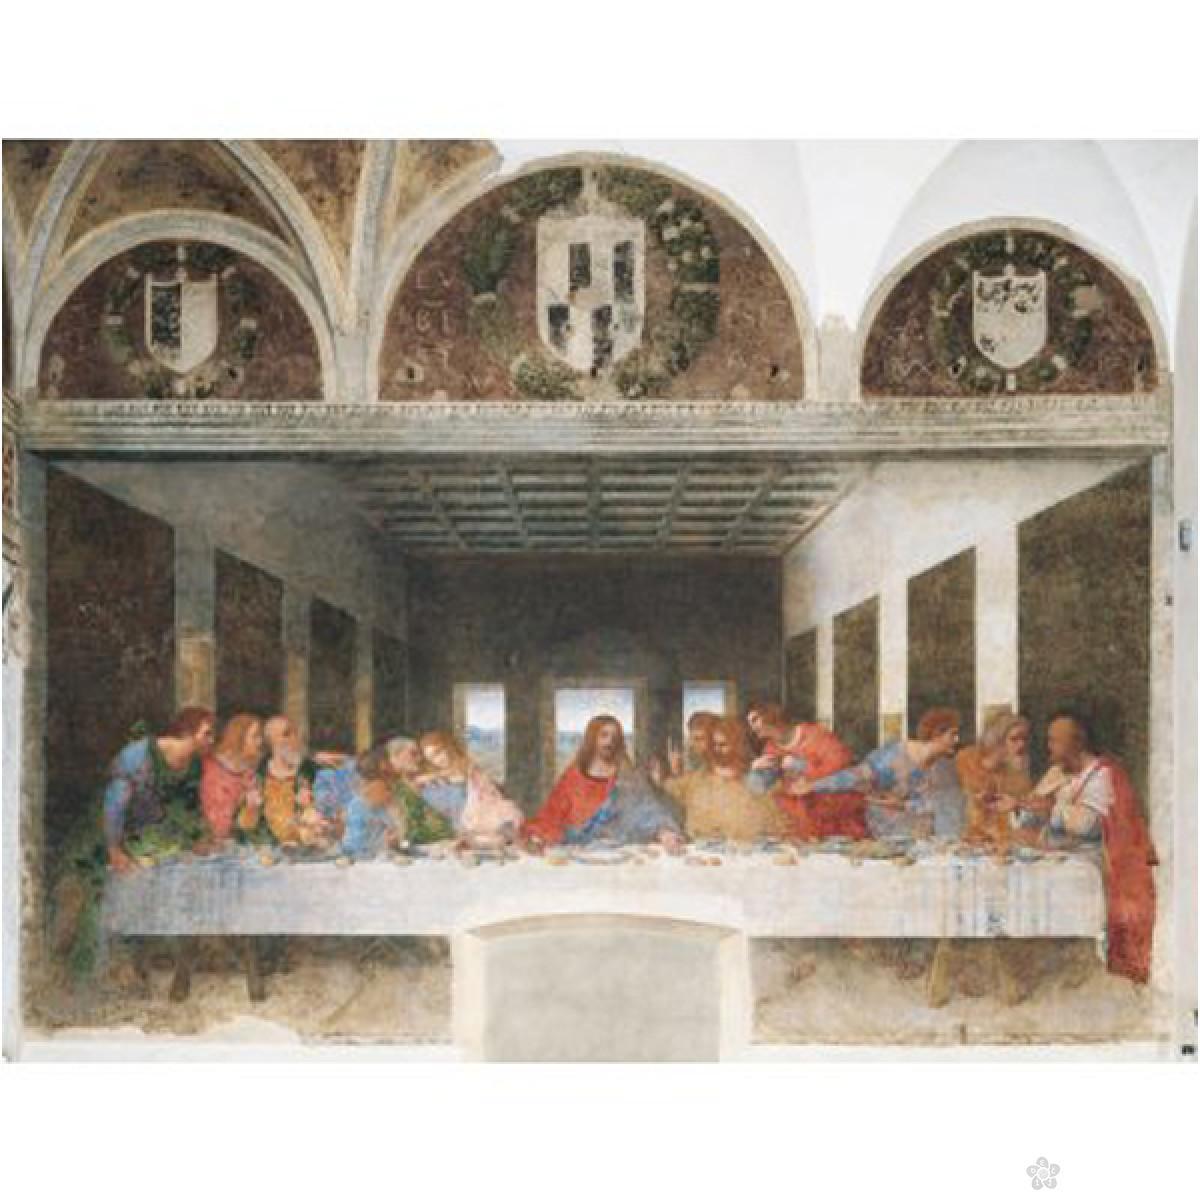 Clementoni puzzla Poslednja večera -The Last Supper, Leonardo 1000 pcs 31447